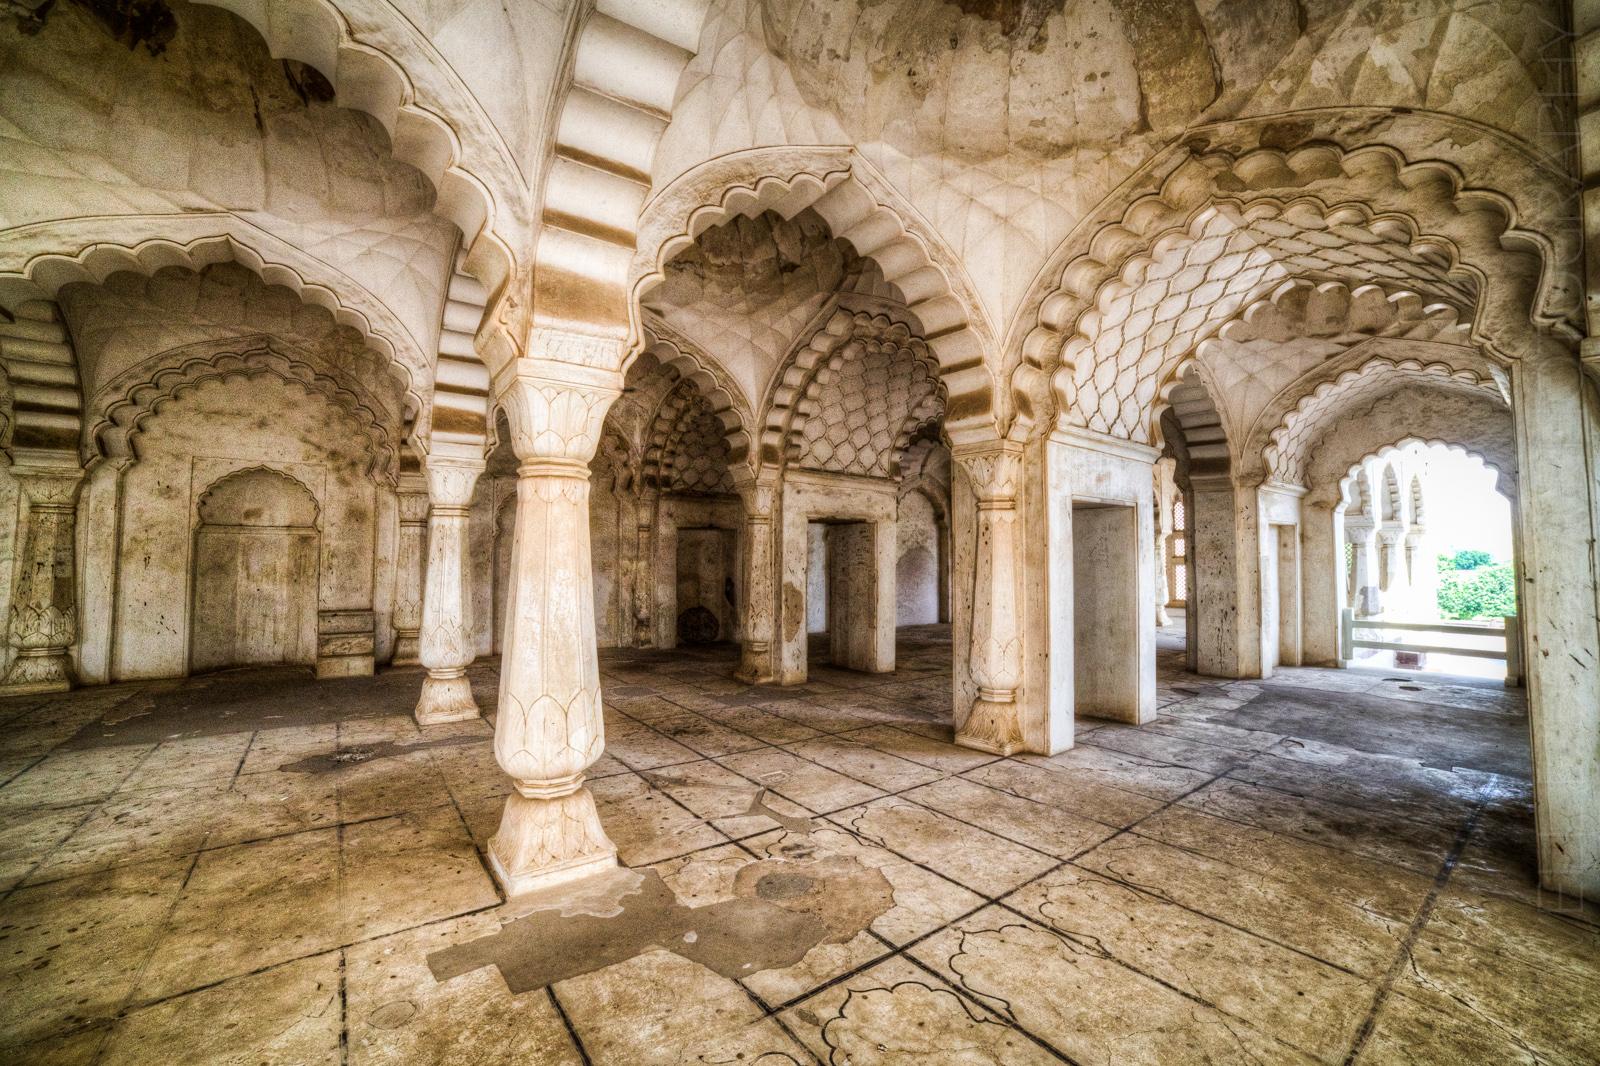 Bibi Ka Maqbara - The Mosque